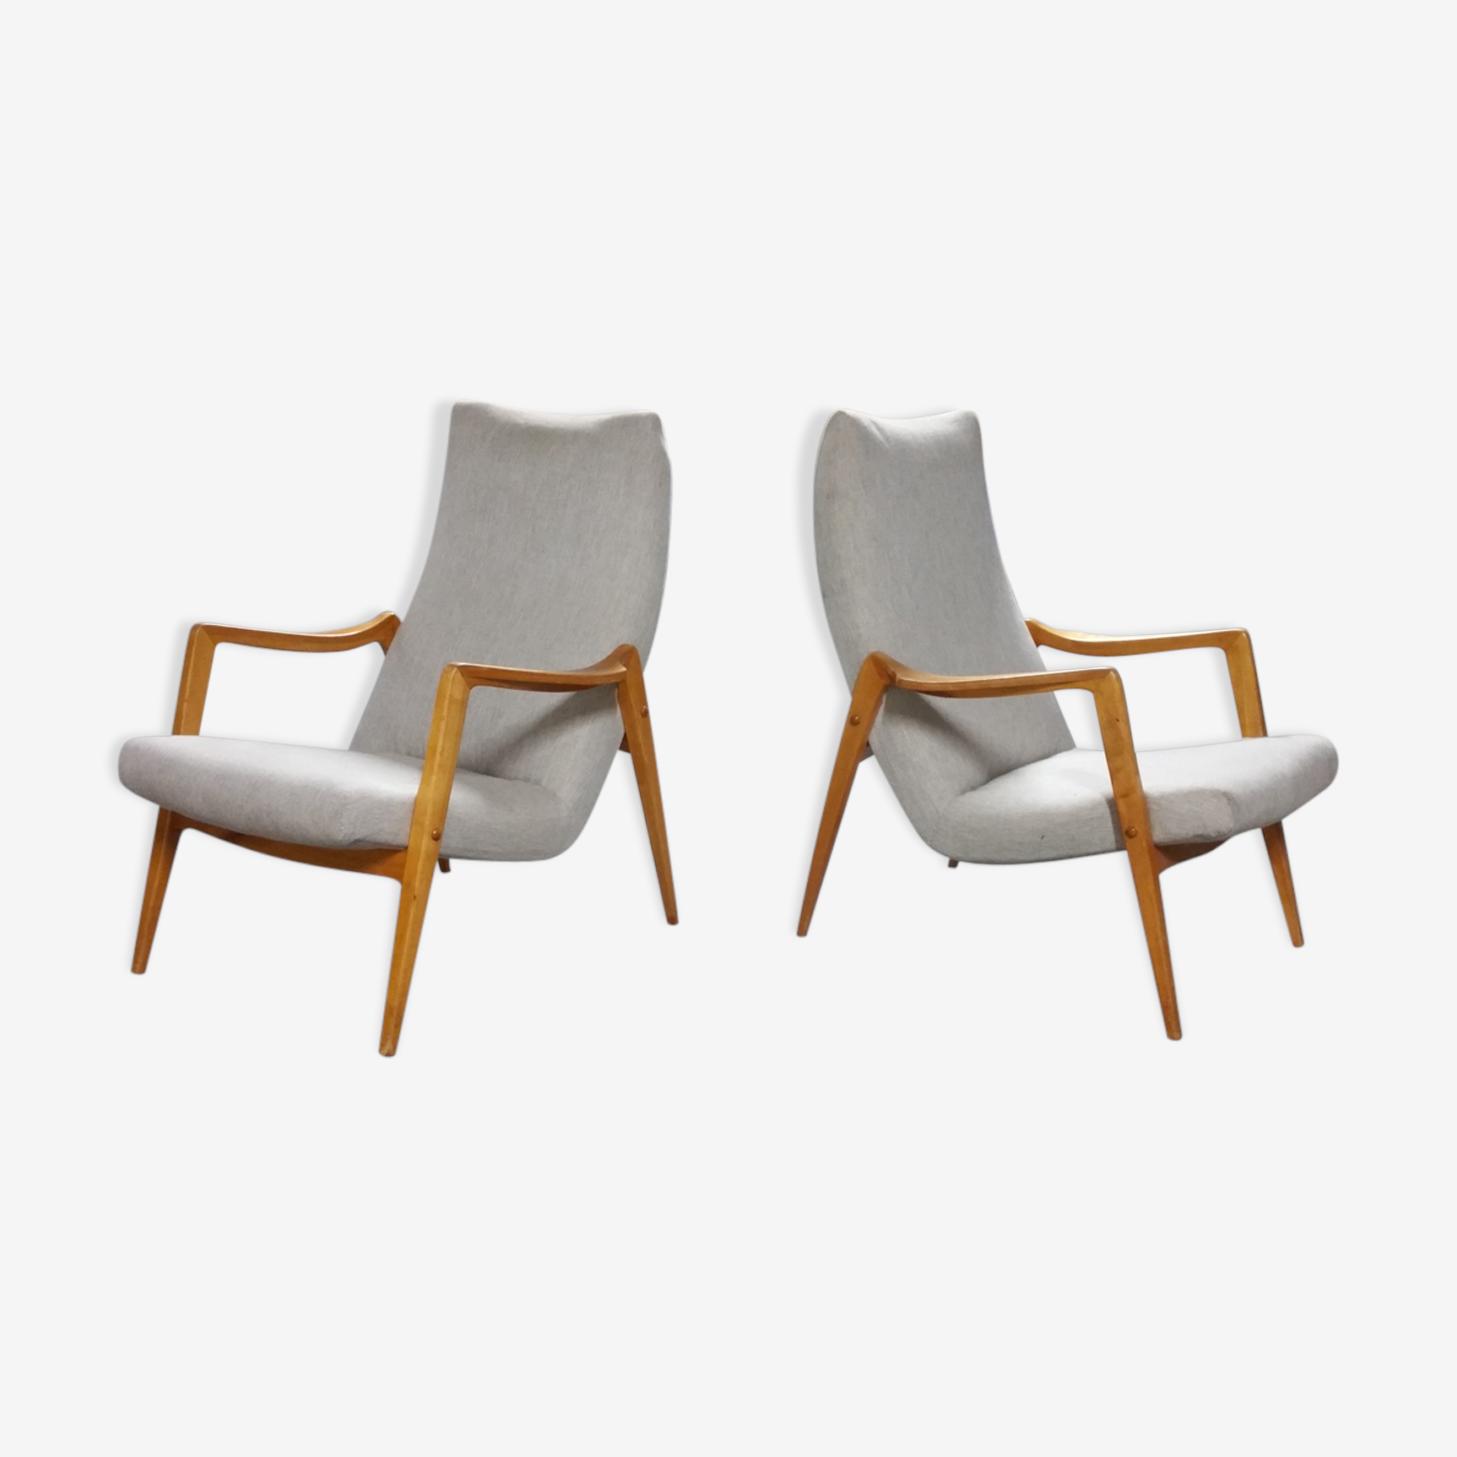 Pair of armchairs scandinavian years 50